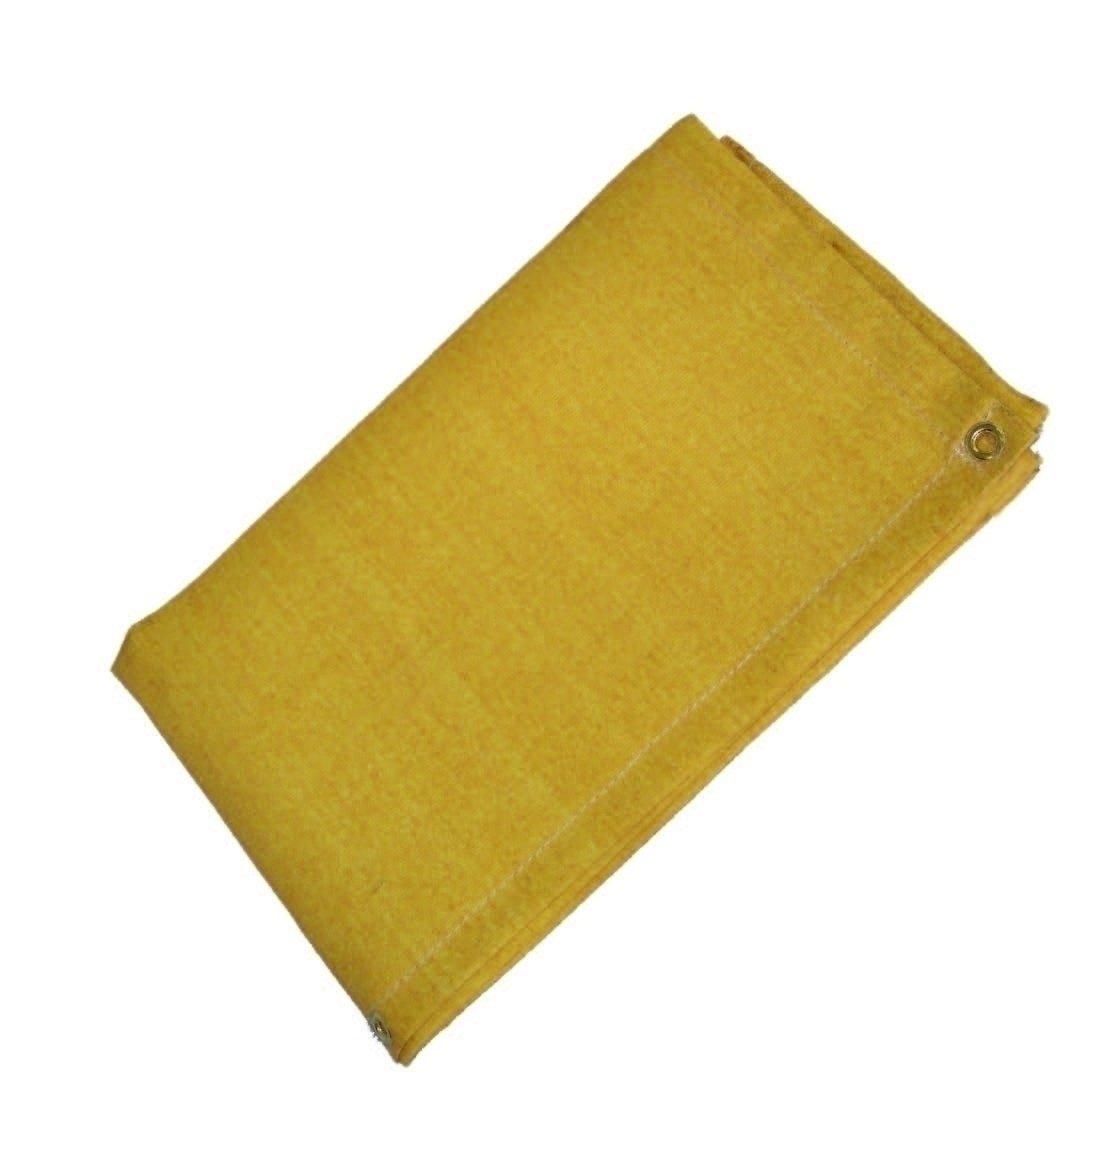 12 X 12 24 oz Gold Slag-Shed Welding Blanket